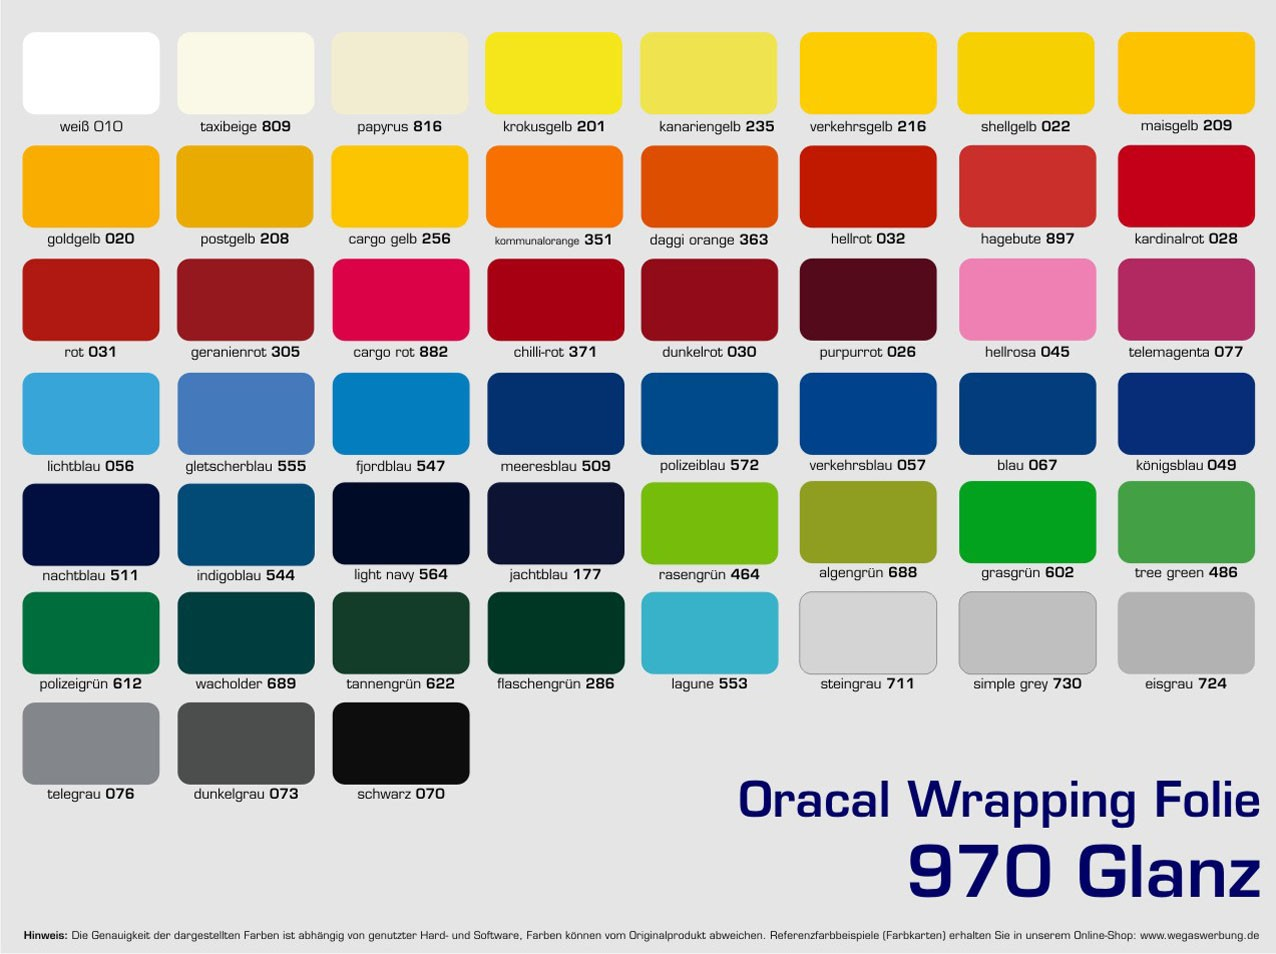 4 d autofolien oracal 970 wrappingfolien farbig glanz oder matt carbon metallic folienshop. Black Bedroom Furniture Sets. Home Design Ideas